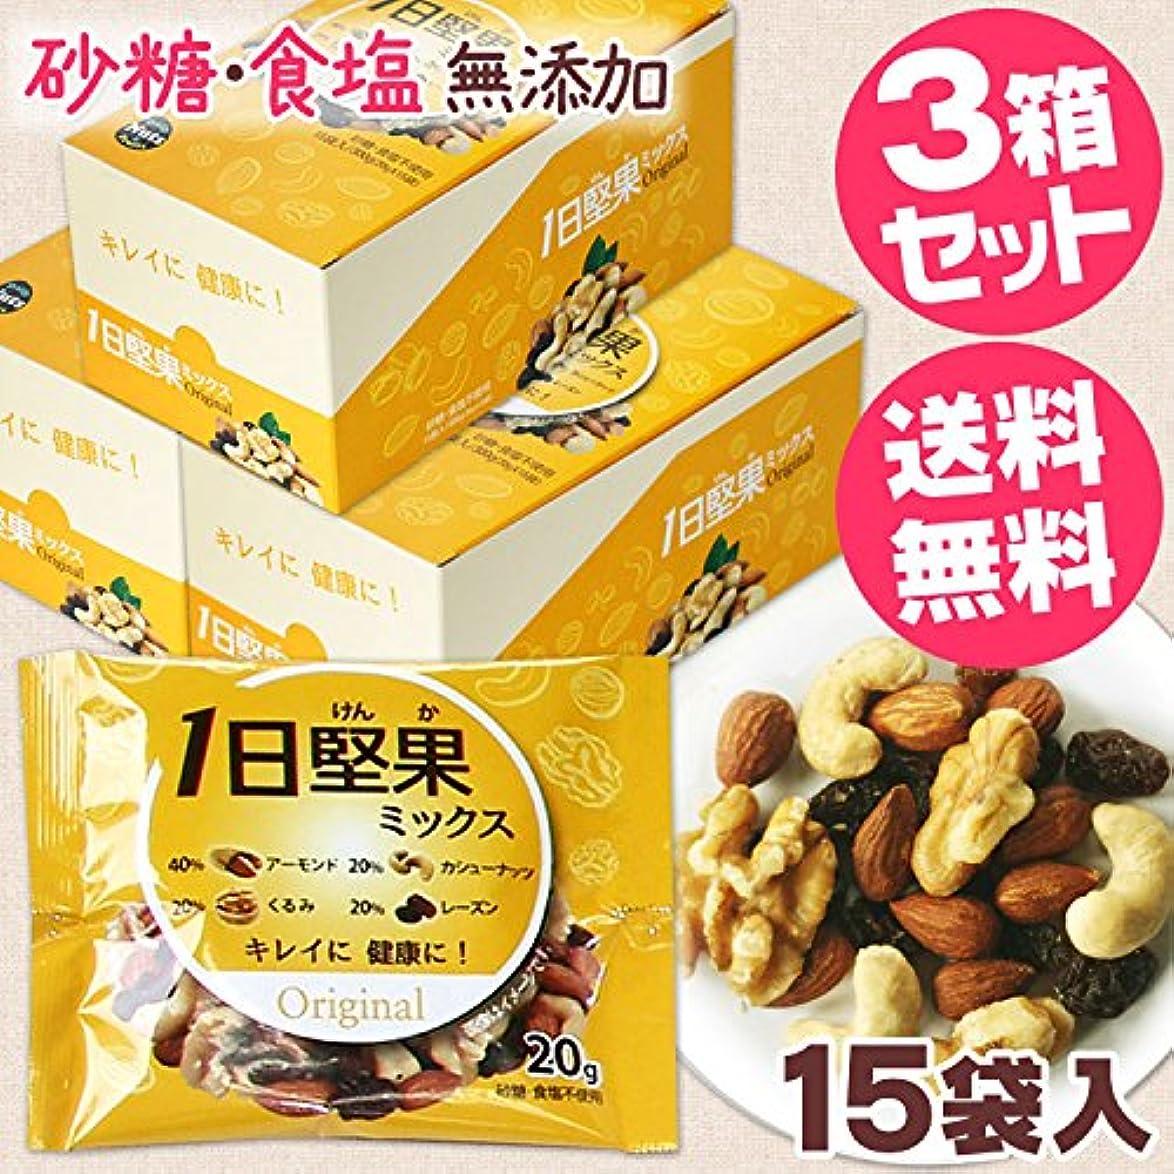 福祉じゃがいもタイト1日堅果ミックス オリジナル [15袋]◆3箱セット